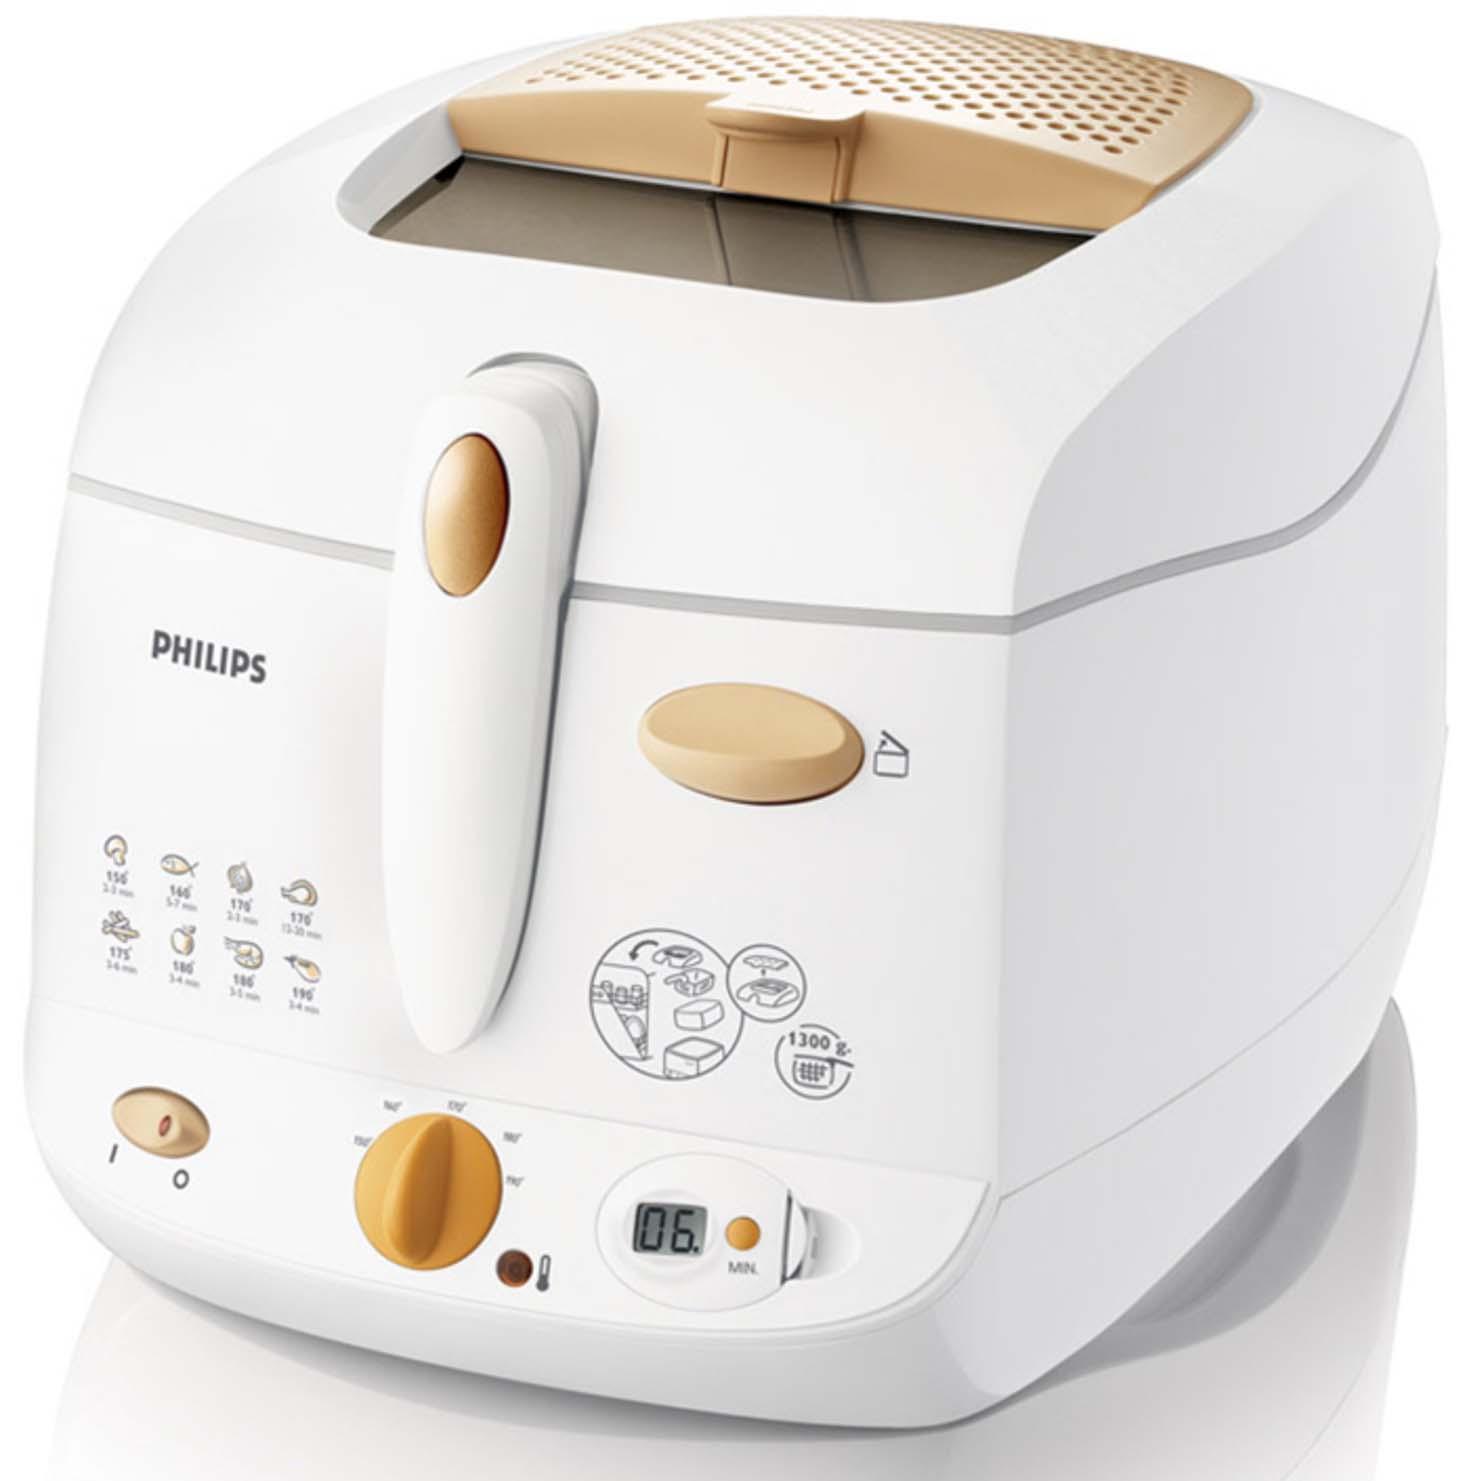 Philips HD6159 55  leggi la recensione della friggitrice con foto. da0de1a2080b